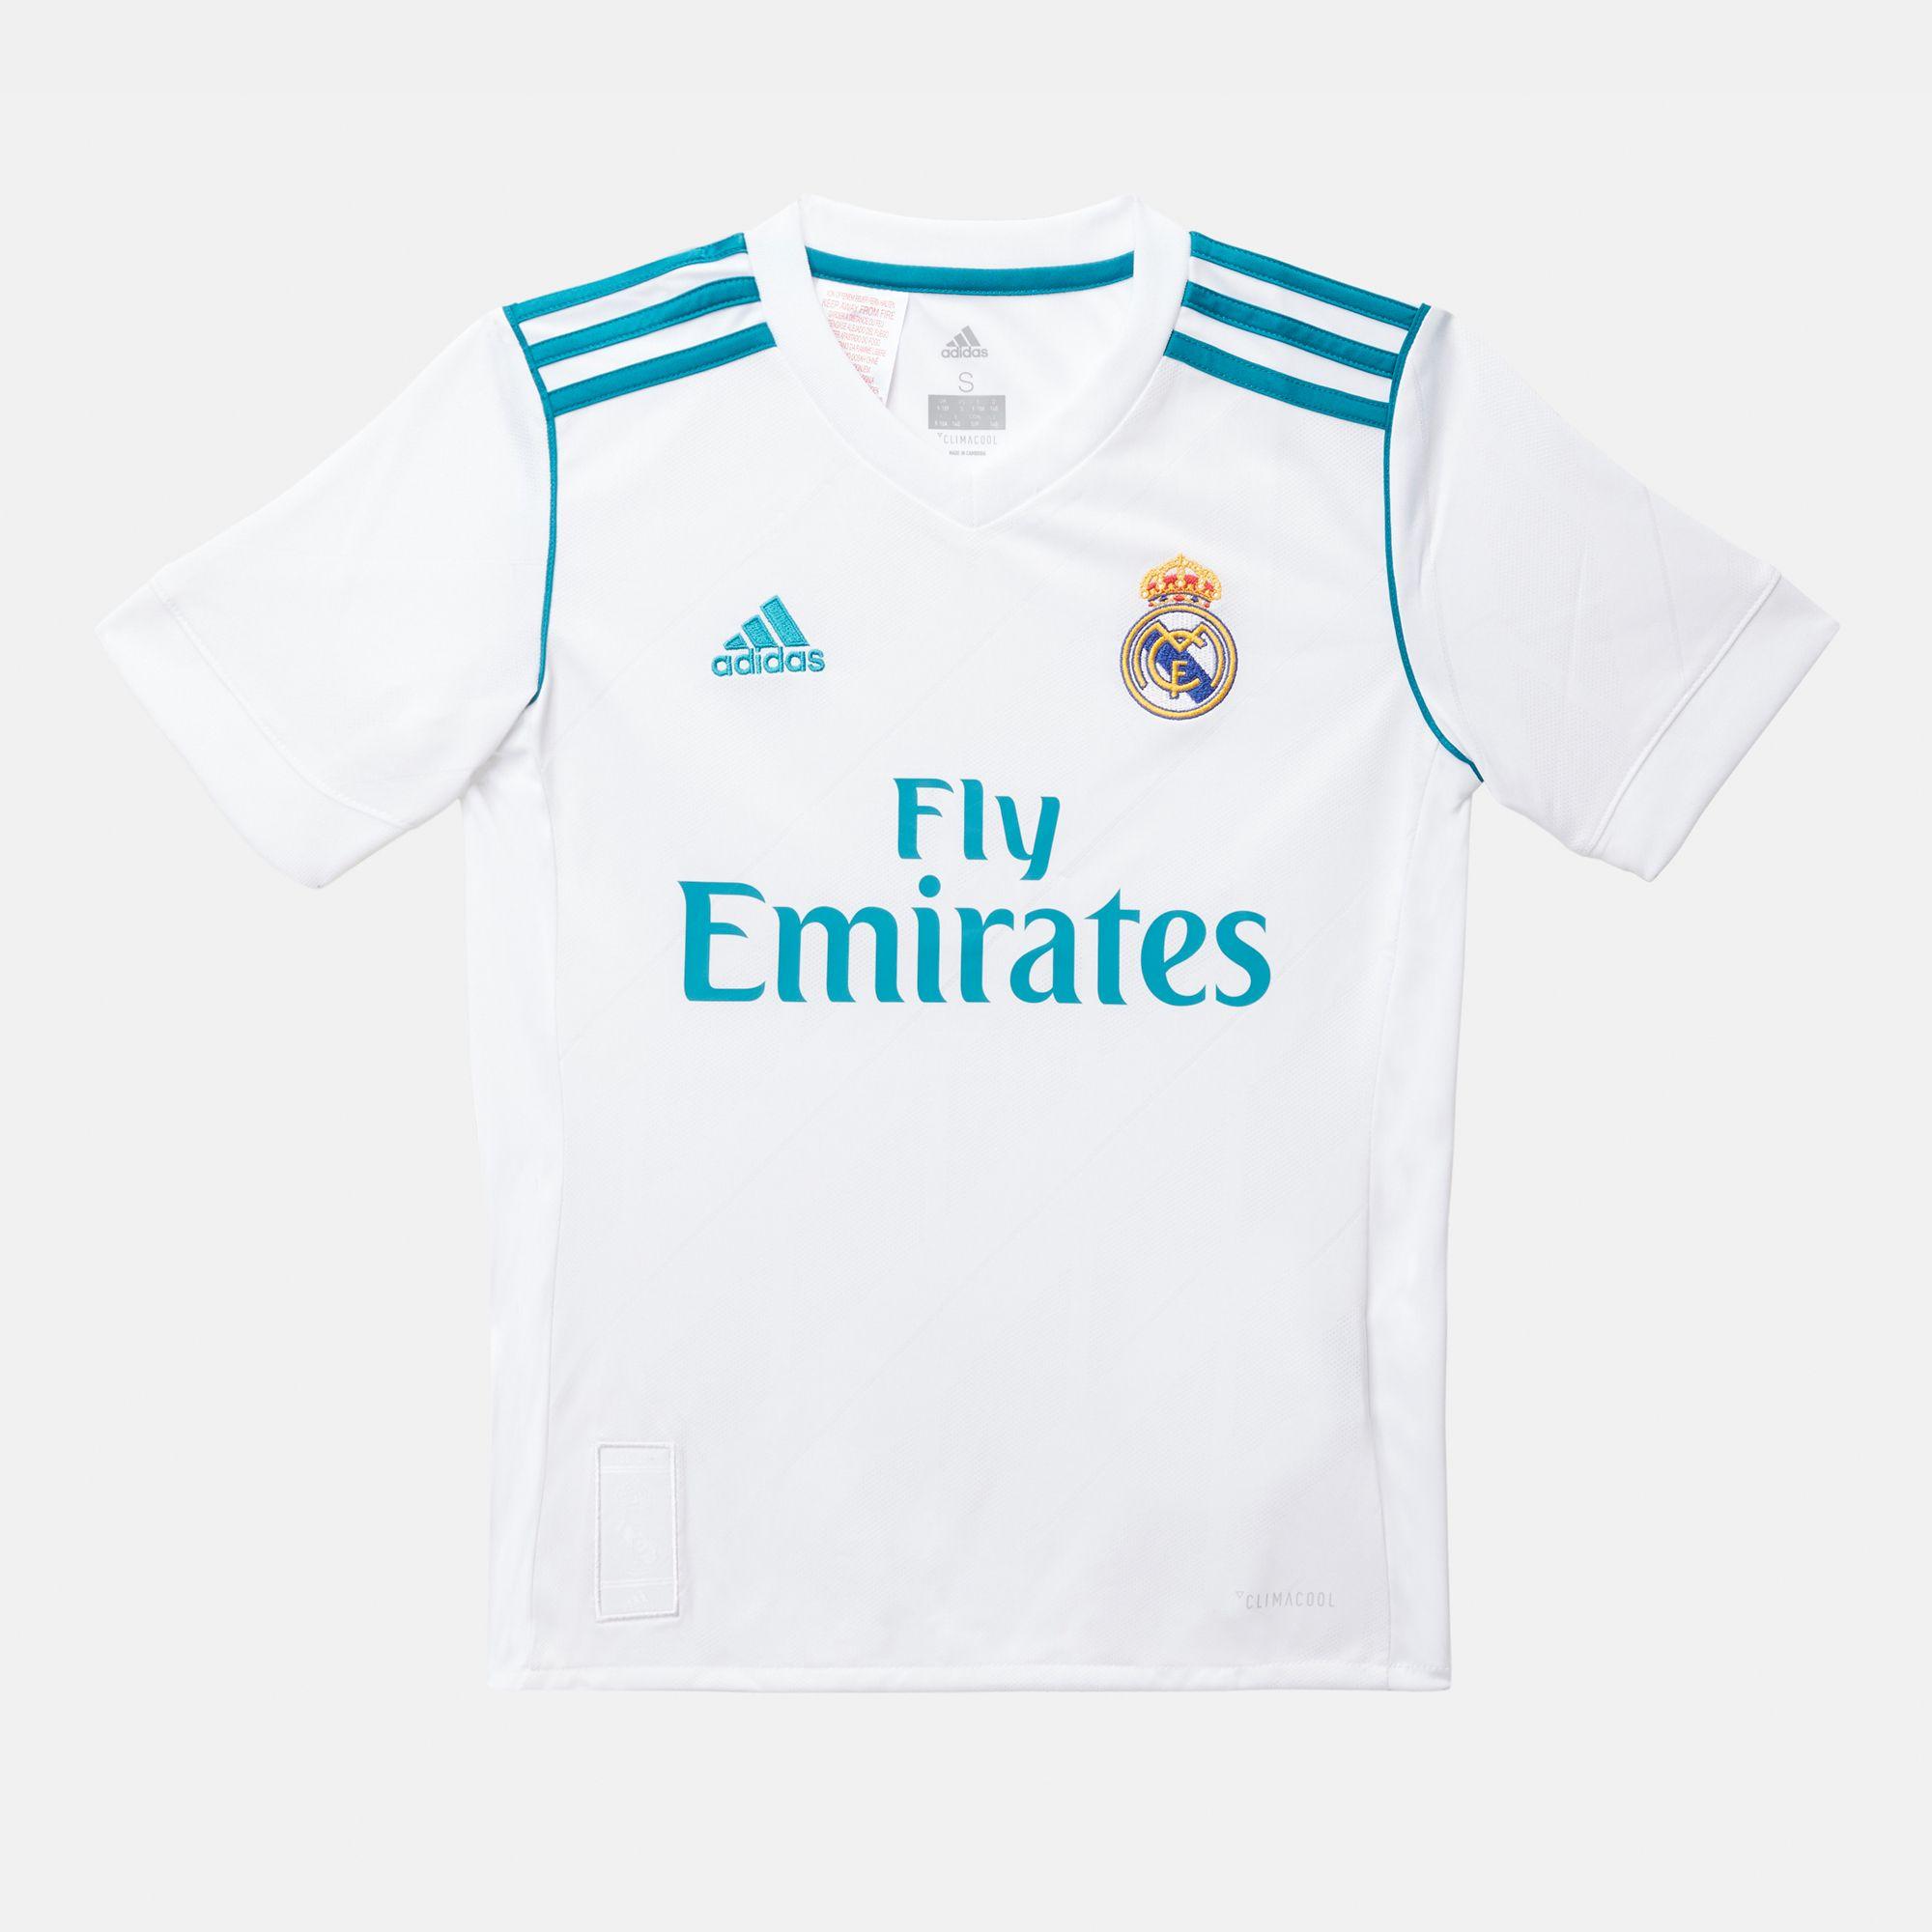 Camiseta de   fútbol adidas para el para Real Real Madrid Home Replica   51f46fe - allpoints.host